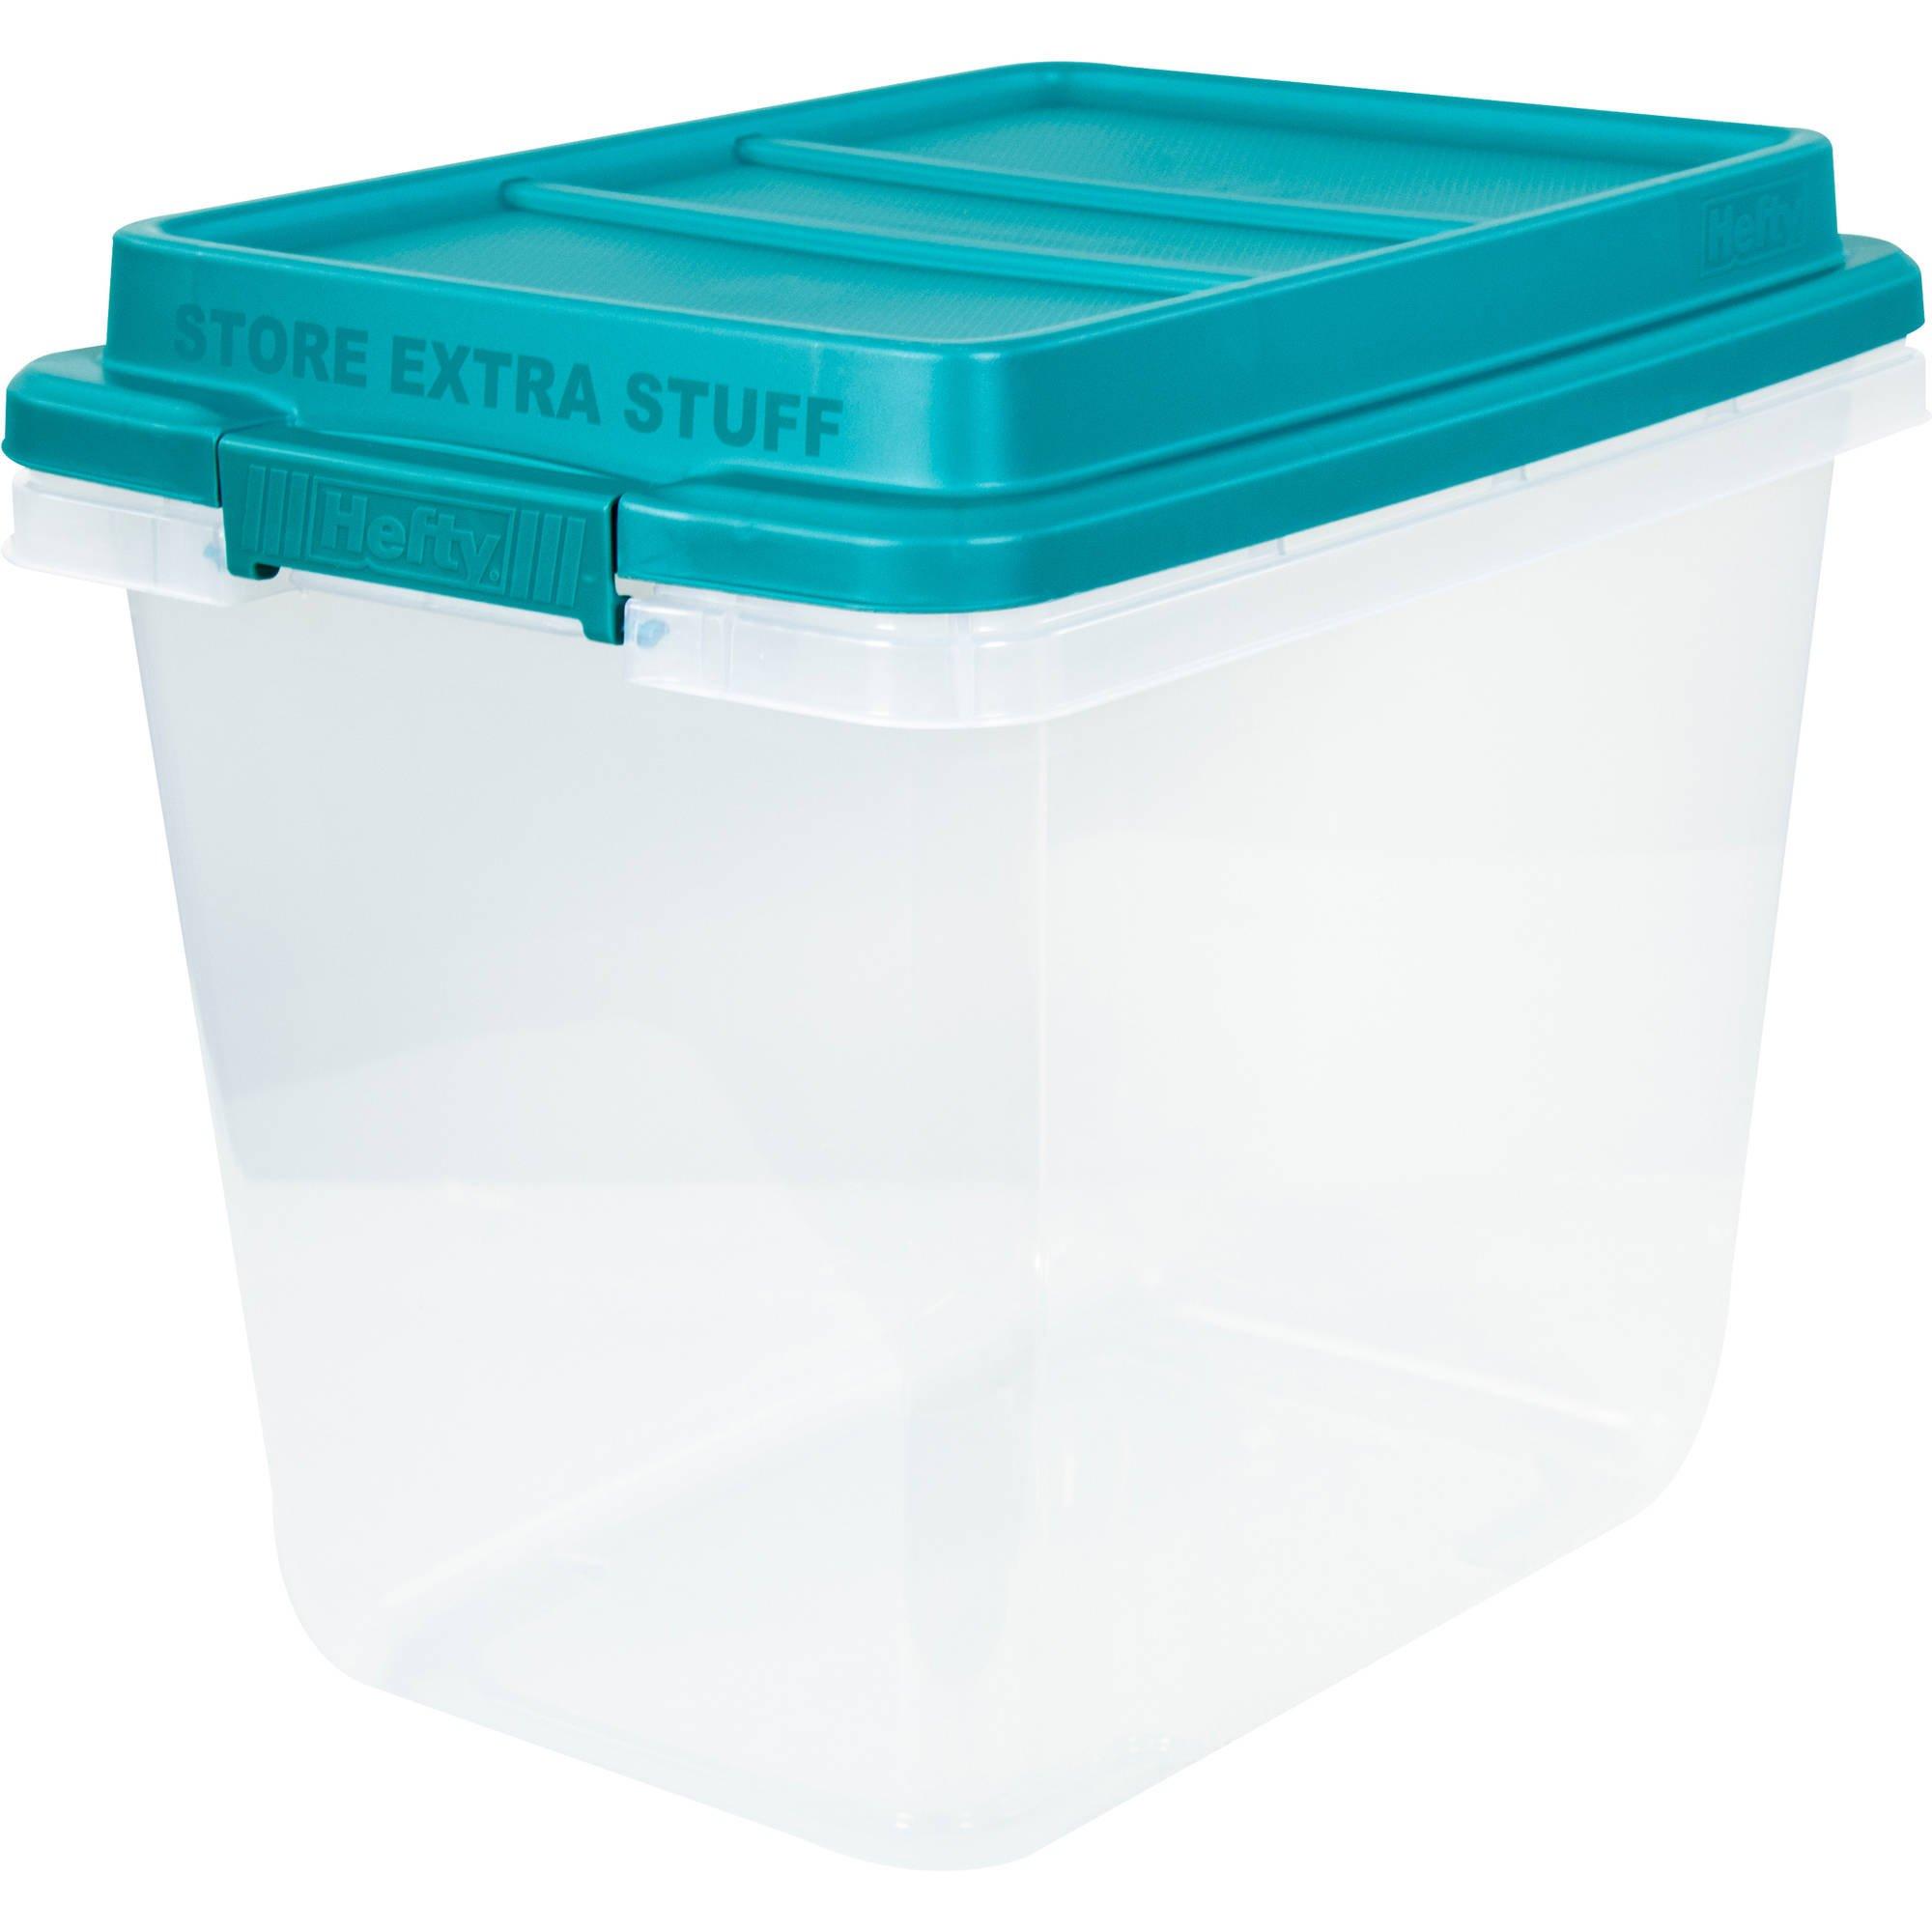 Hefty 32-Qt Hi-Rise Clear Latch Box, Teal Sachet Lid and Handles (4)